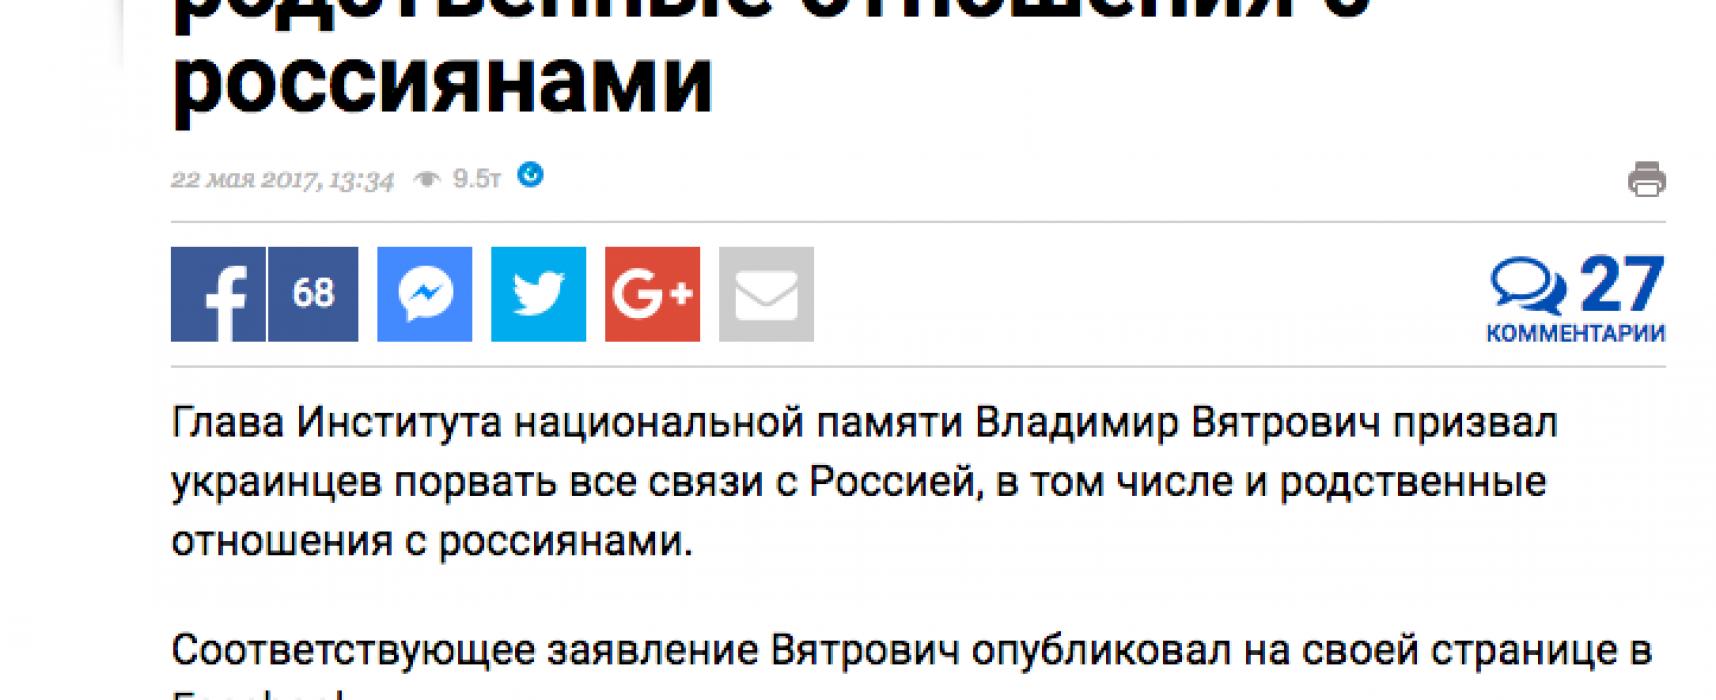 Fake: L'historien Viatrovych a lancé un appel à cesser tout contact avec ses proches en Russie